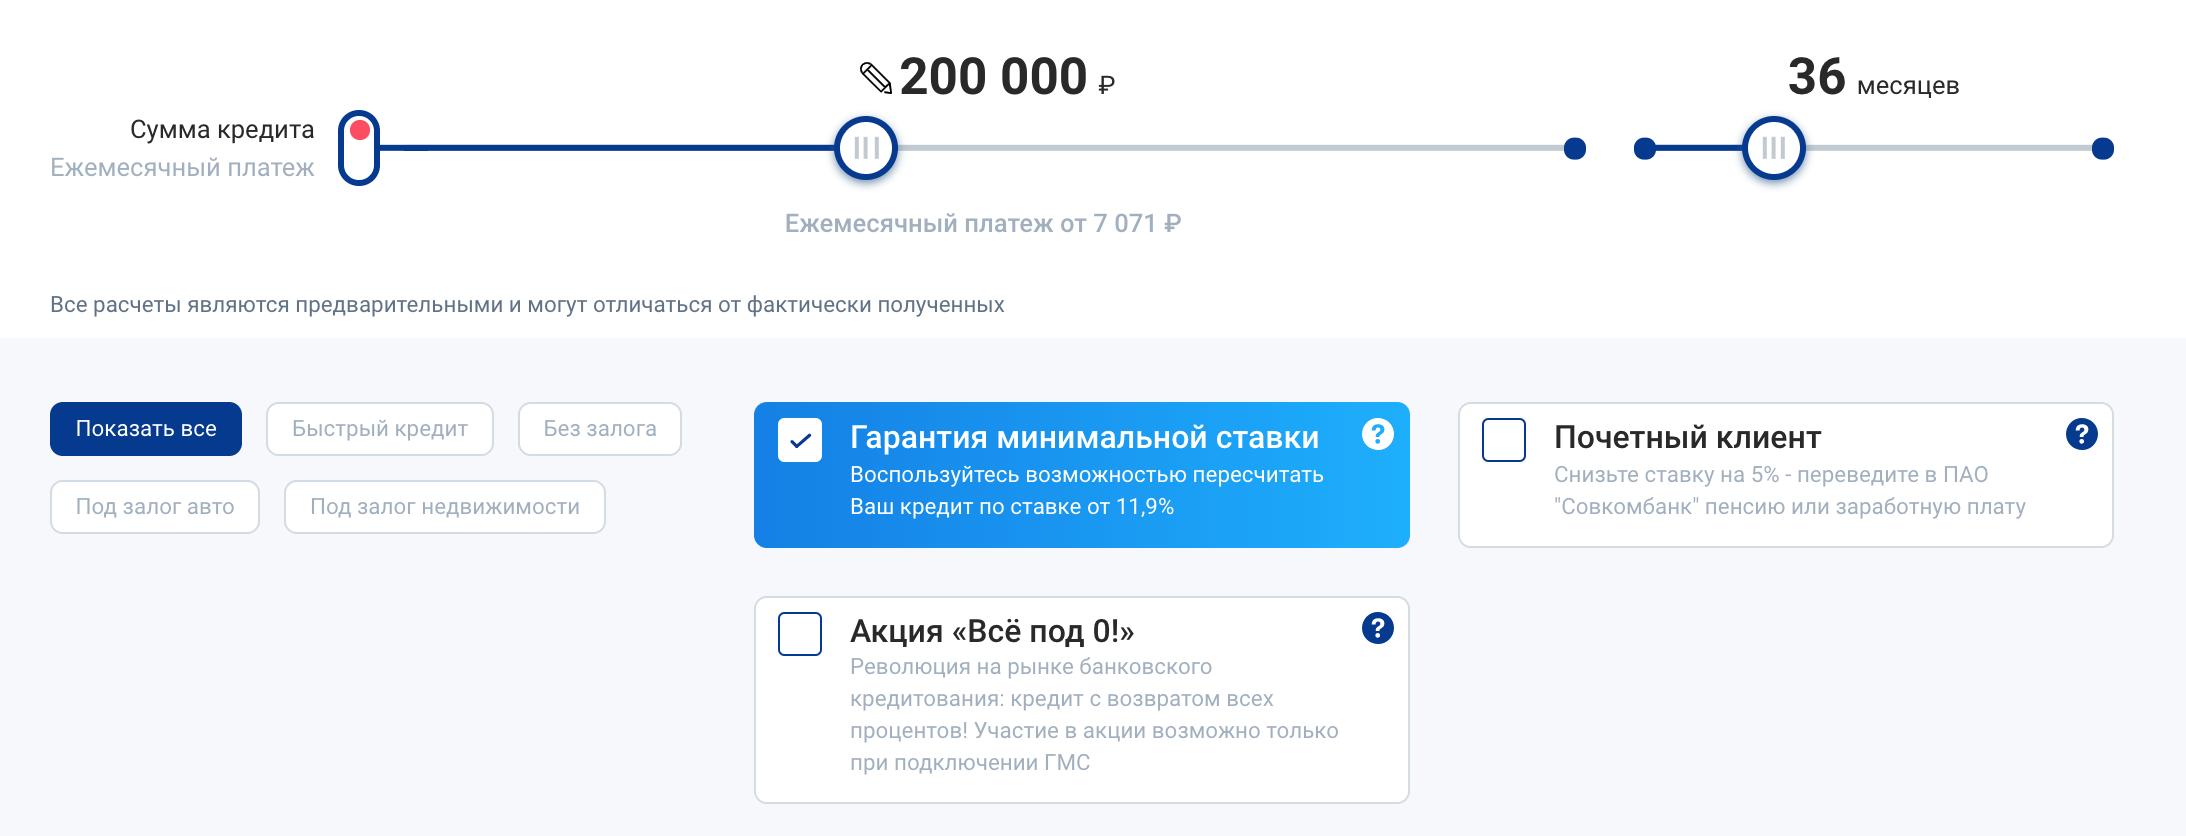 200 процентный кредит